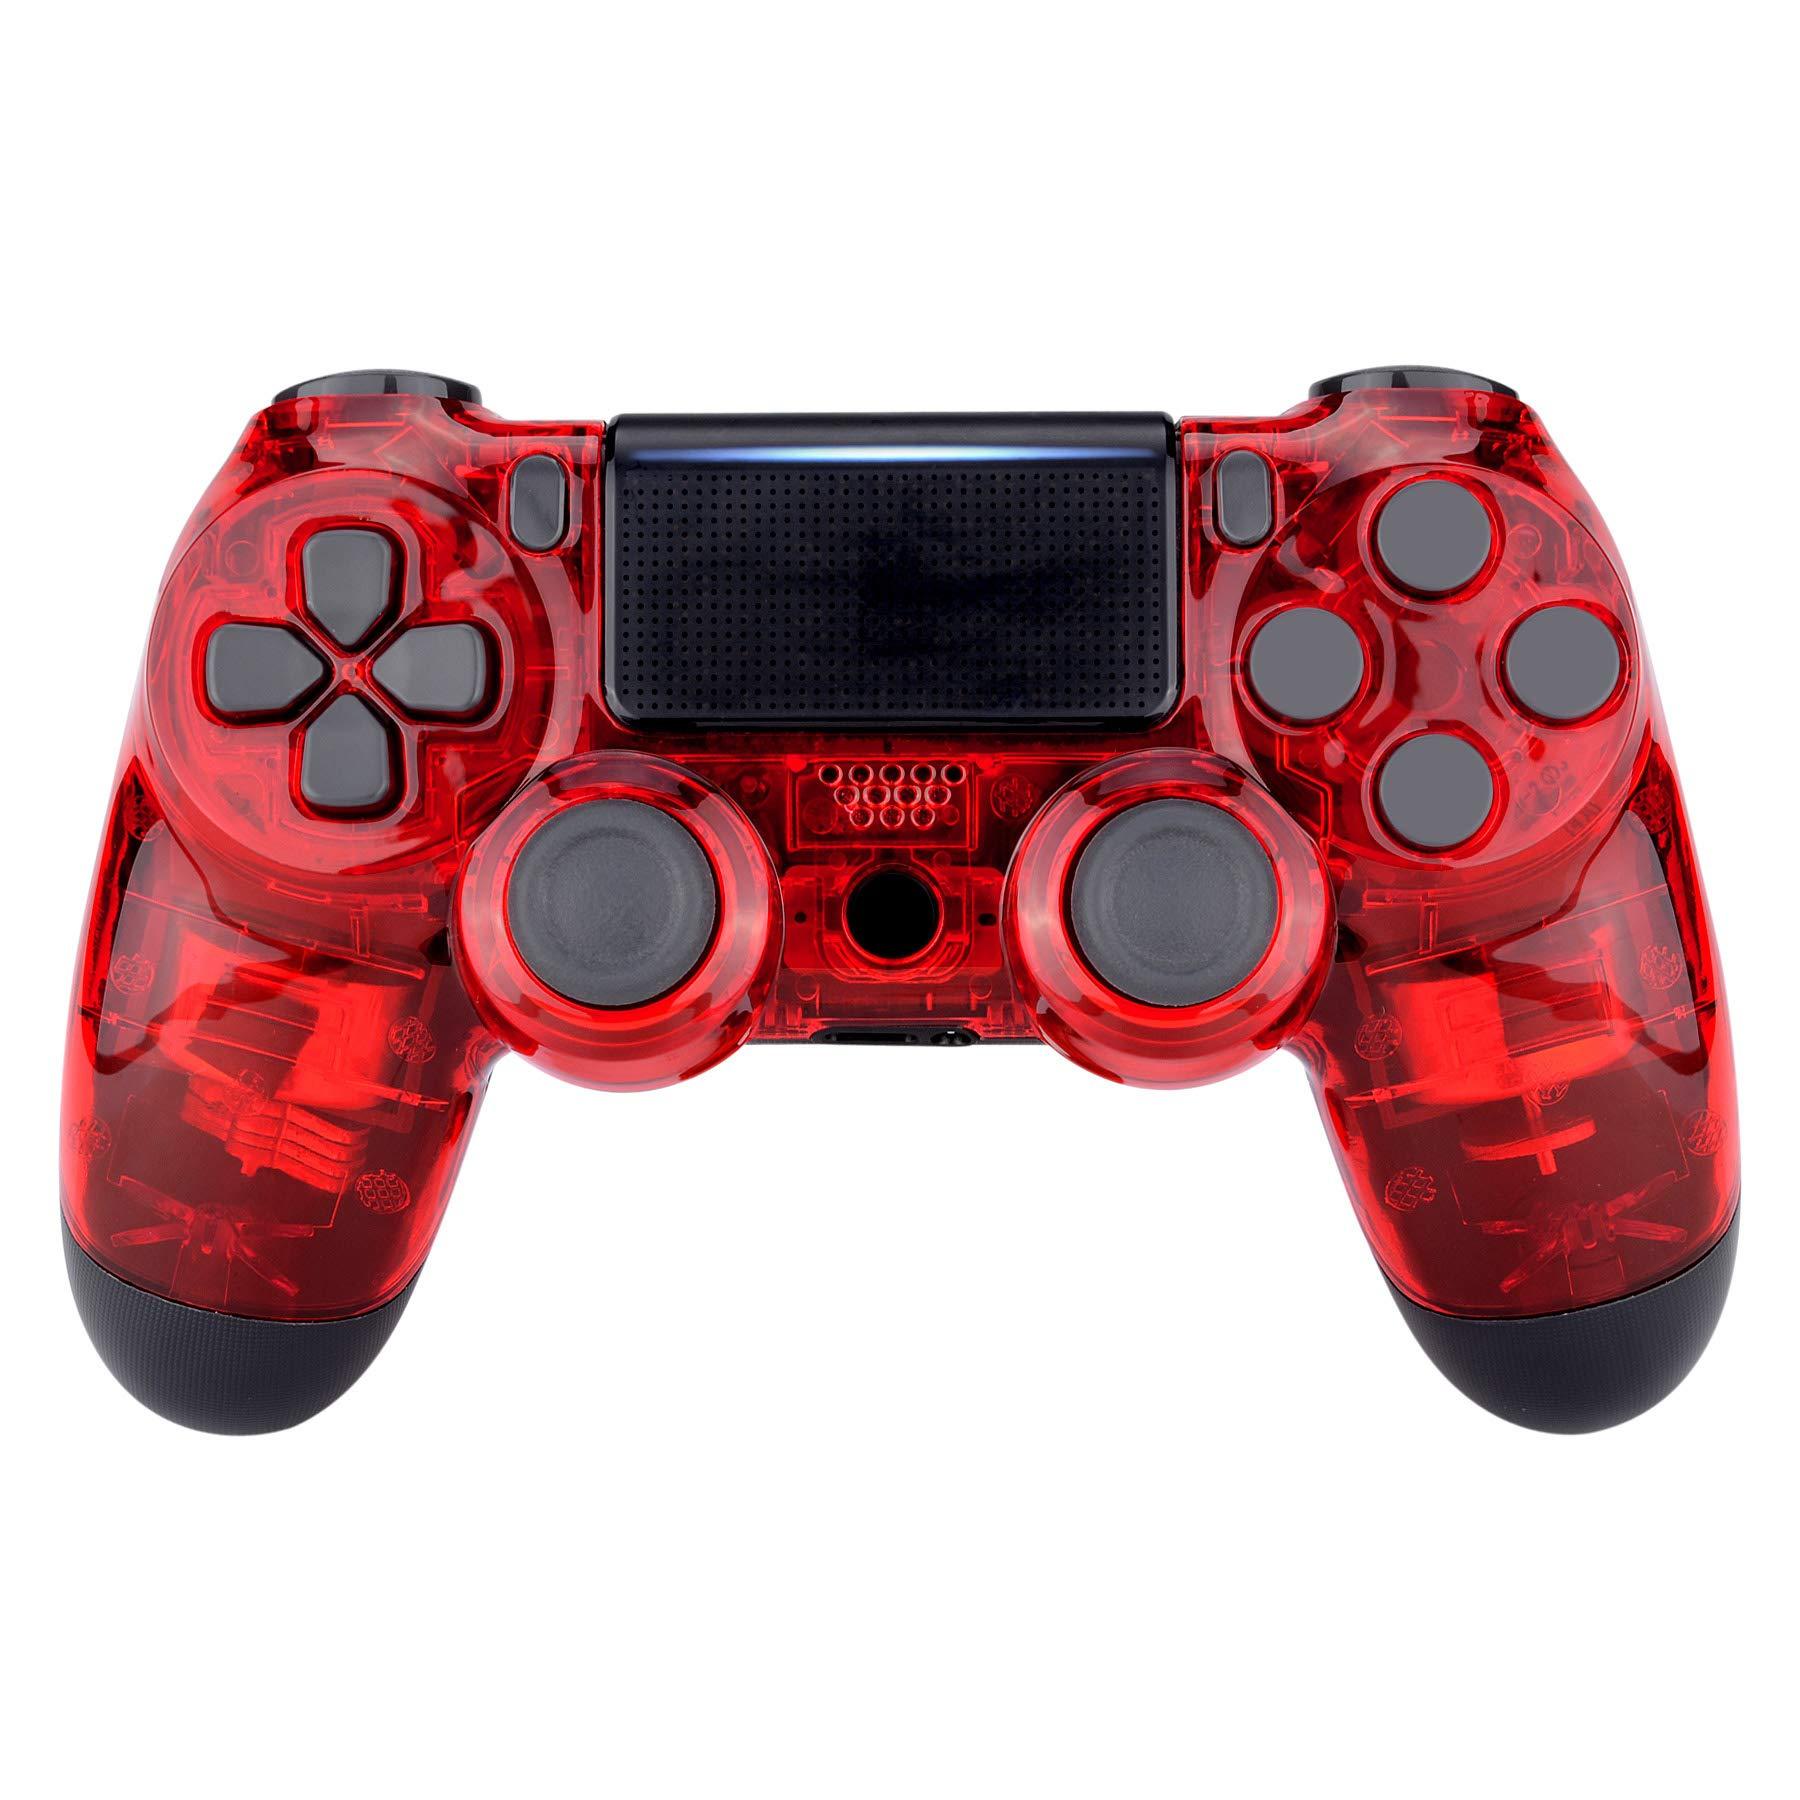 eXtremeRate Carcasa PS4 Funda Delantera Protectora de la Placa Frontal Cubierta reemplazable para Mando de Playstation 4 PS4 Slim Pro (CUH-ZCT2 JDM-040 JDM-050 JDM-055) Transparente Cristal Rojo: Amazon.es: Electrónica